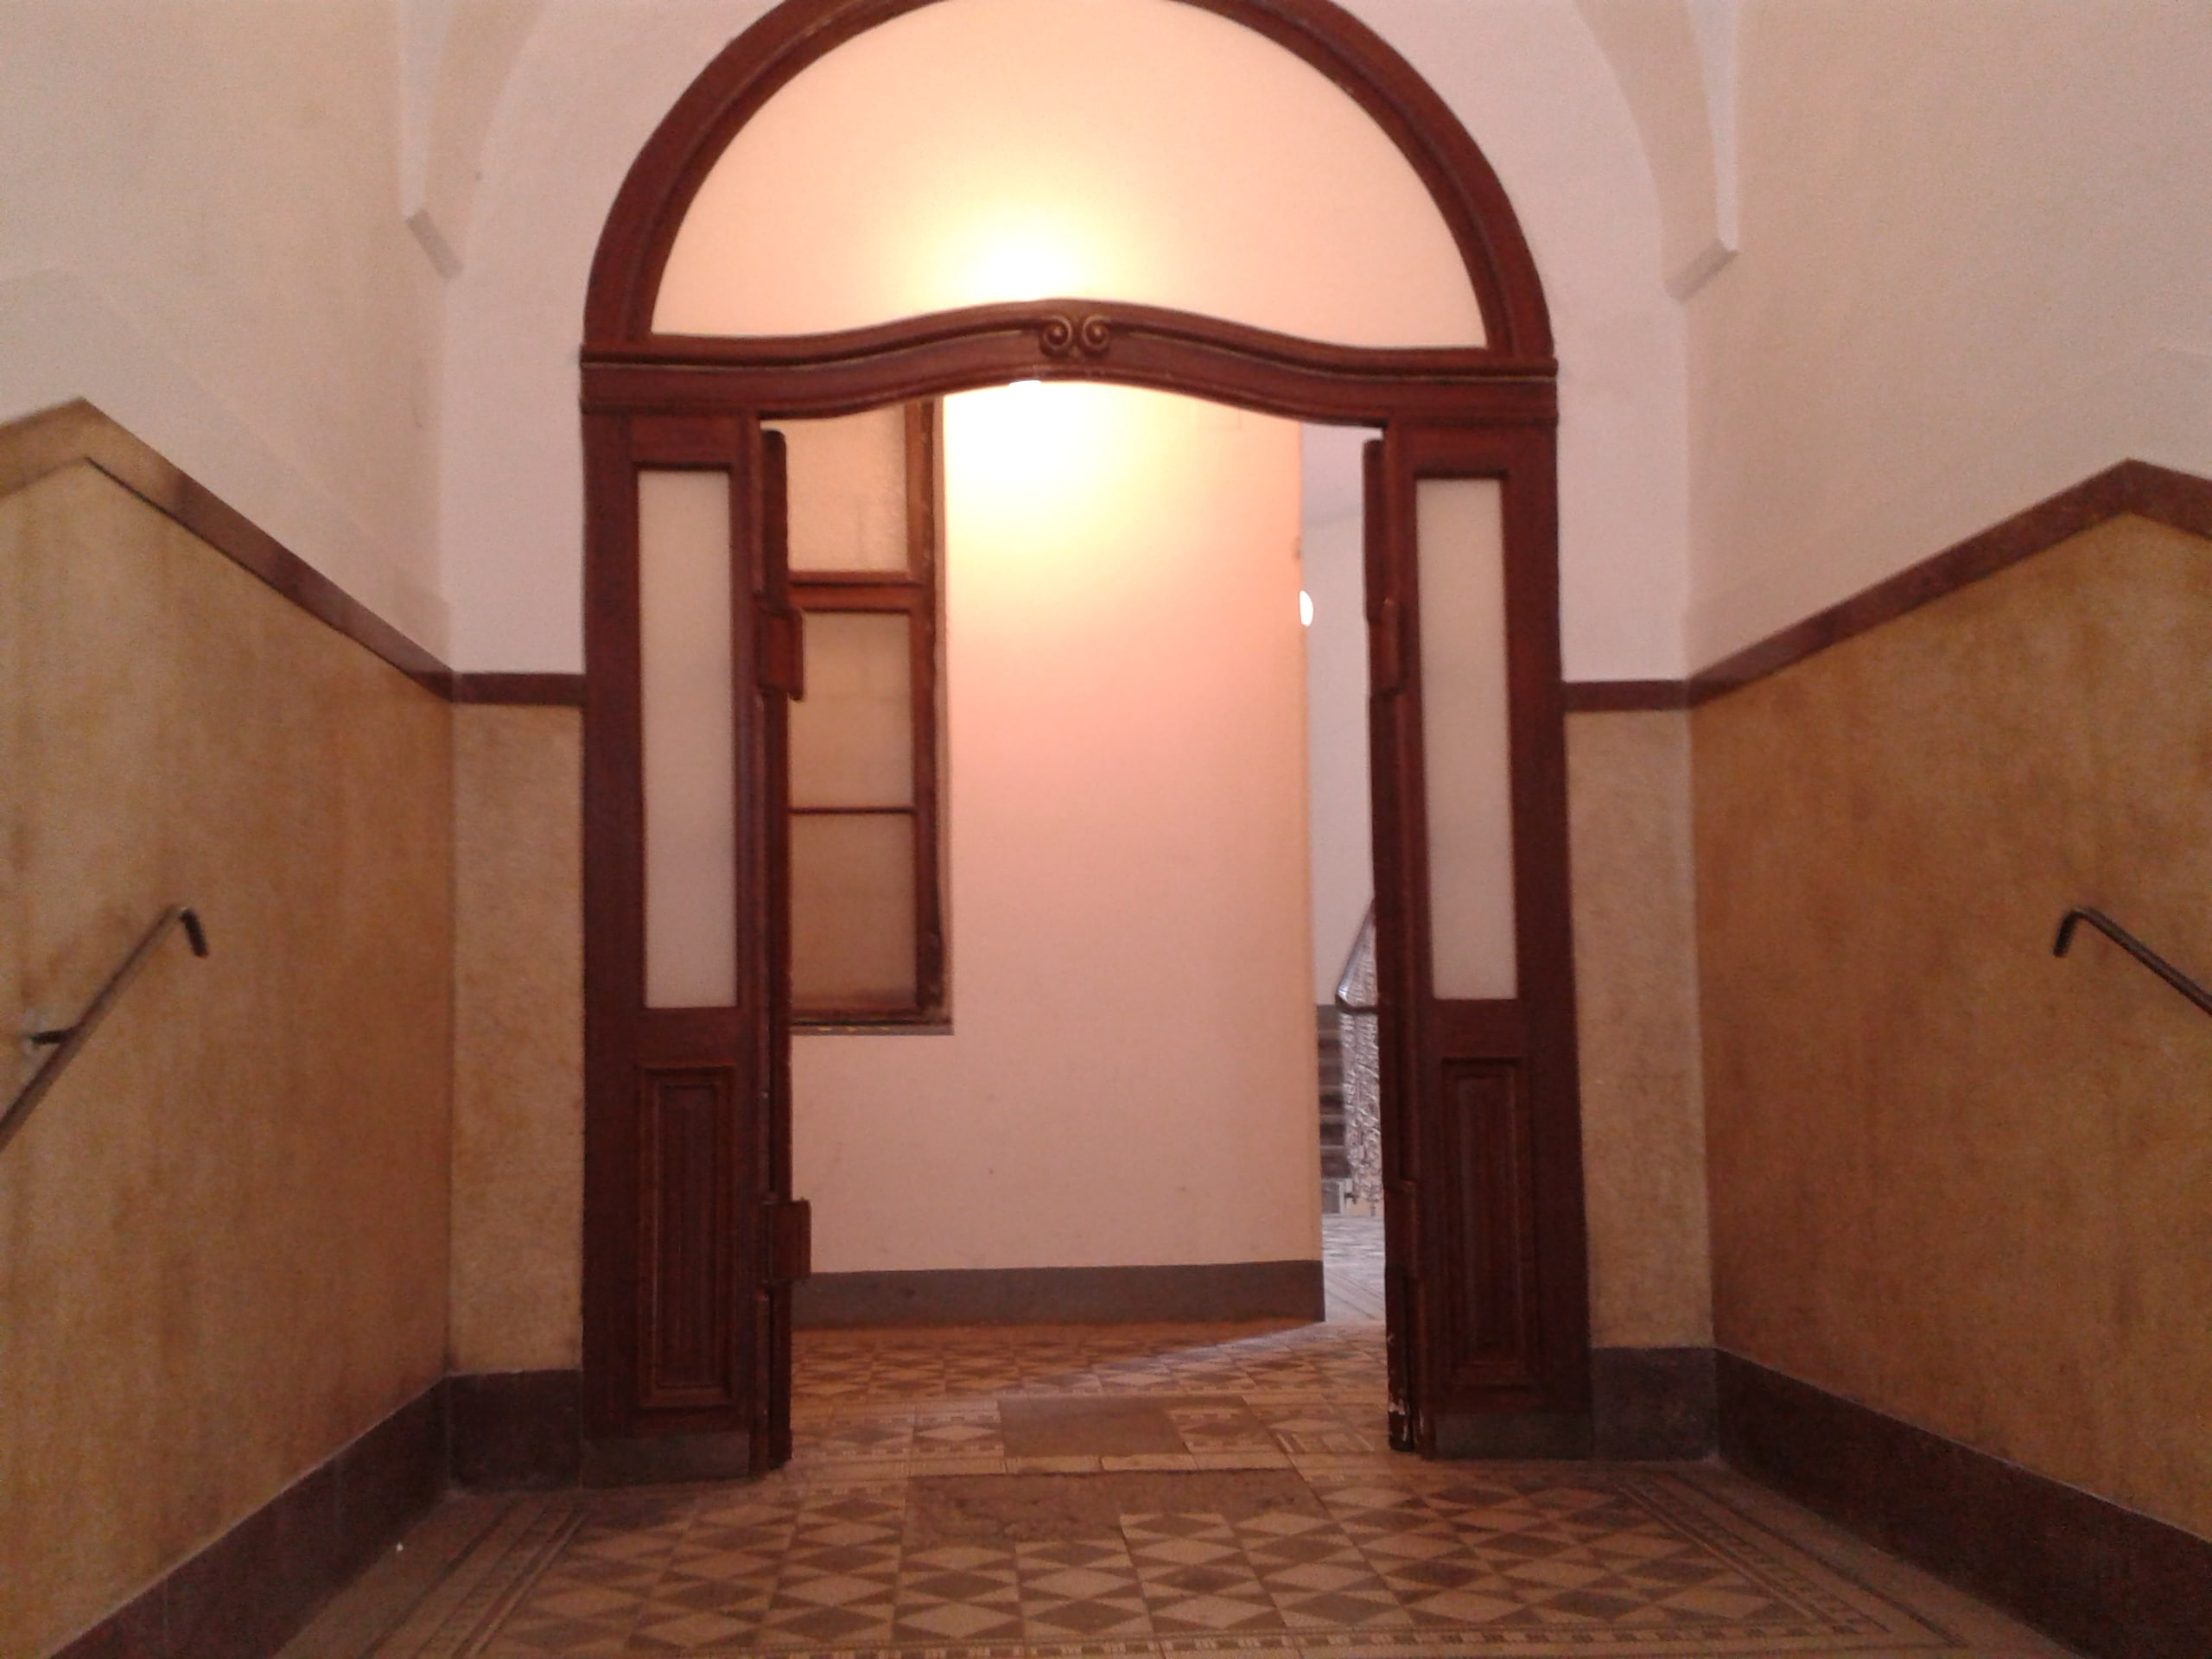 למכירה דירת 3+kk יפהפיה בפראג 1 העיר החדשה (27)